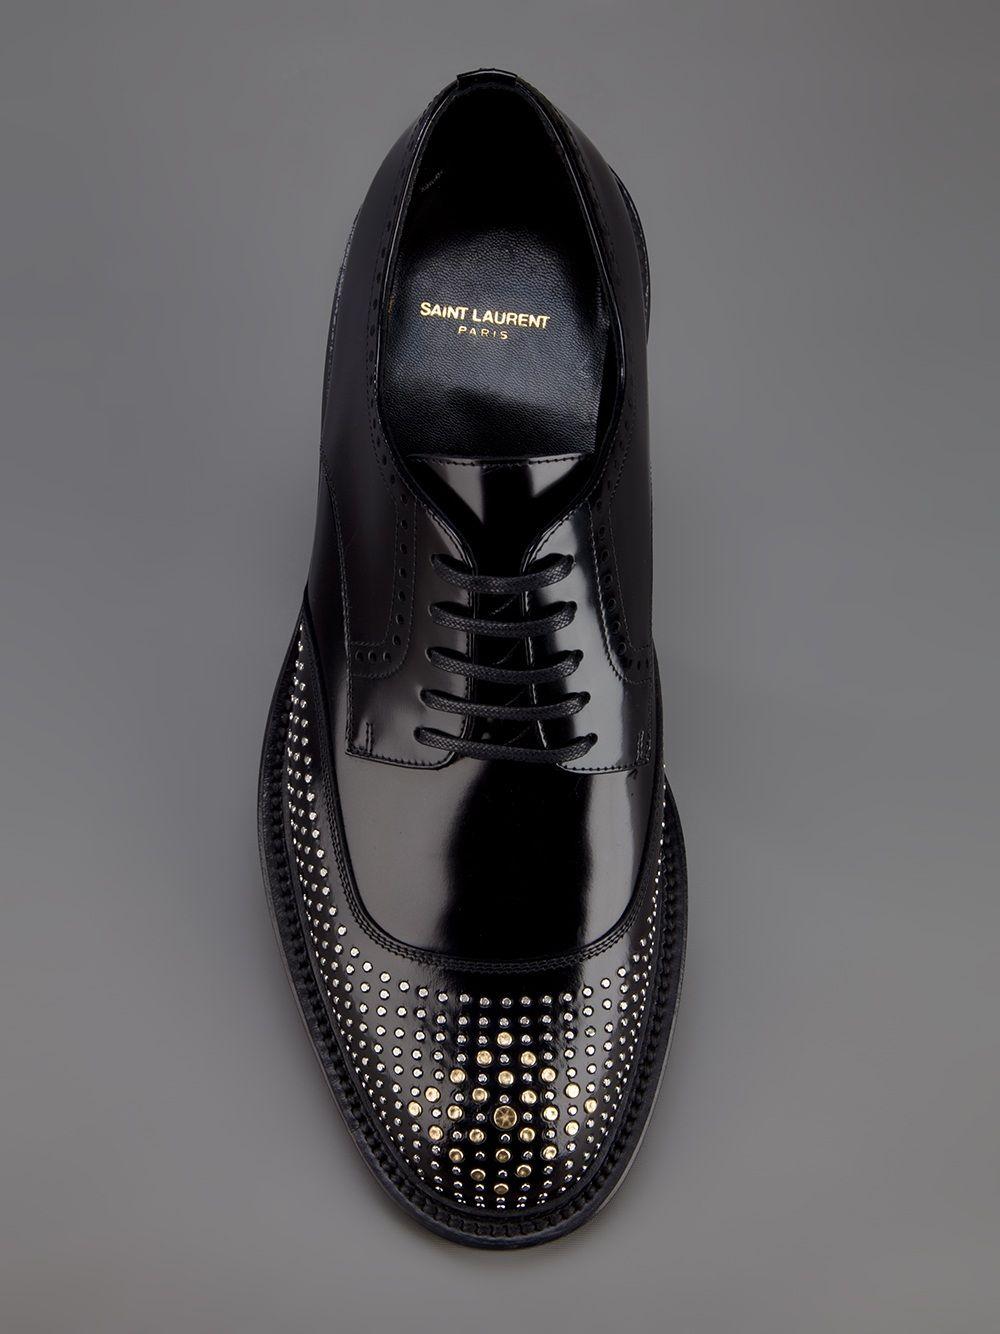 Saint Laurent Studded Derby Shoe Farfetch Com Dress Shoes Men Mens Shoes Boots Fashion Shoes [ 1334 x 1000 Pixel ]